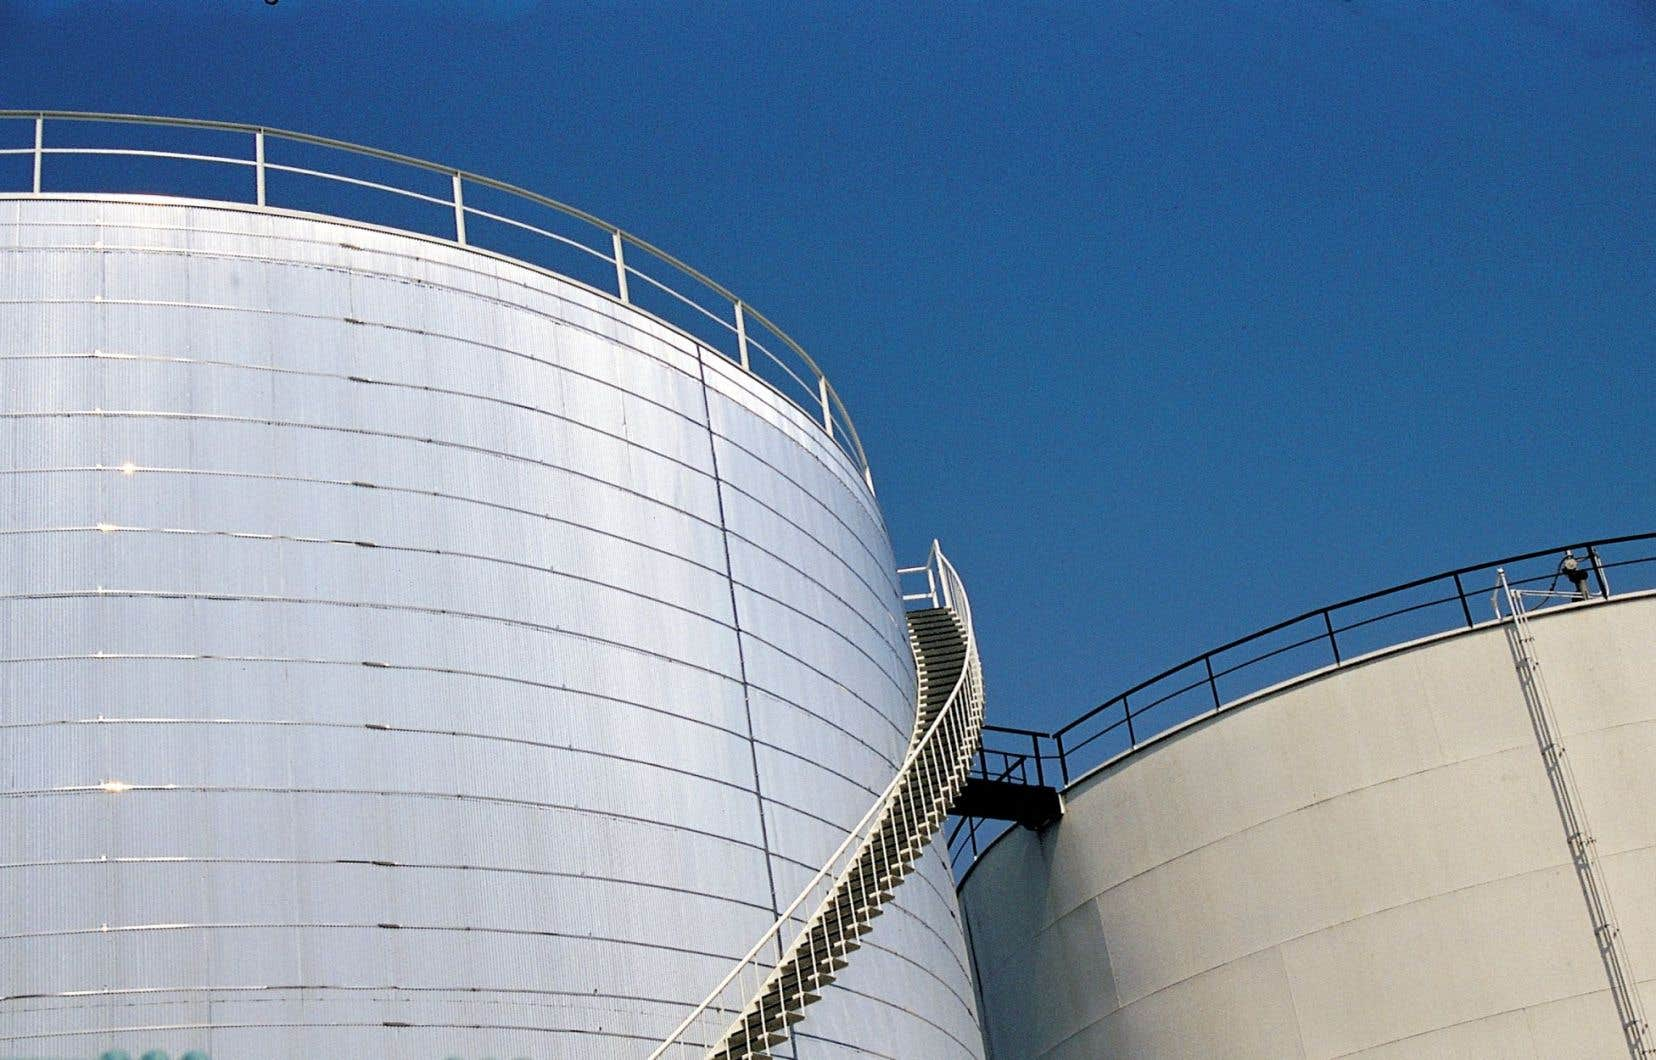 Côté demande, l'Agence internationale de l'énergie prévoit qu'elle augmentera de 1,2 million de barils par jour (mbj) en 2016.